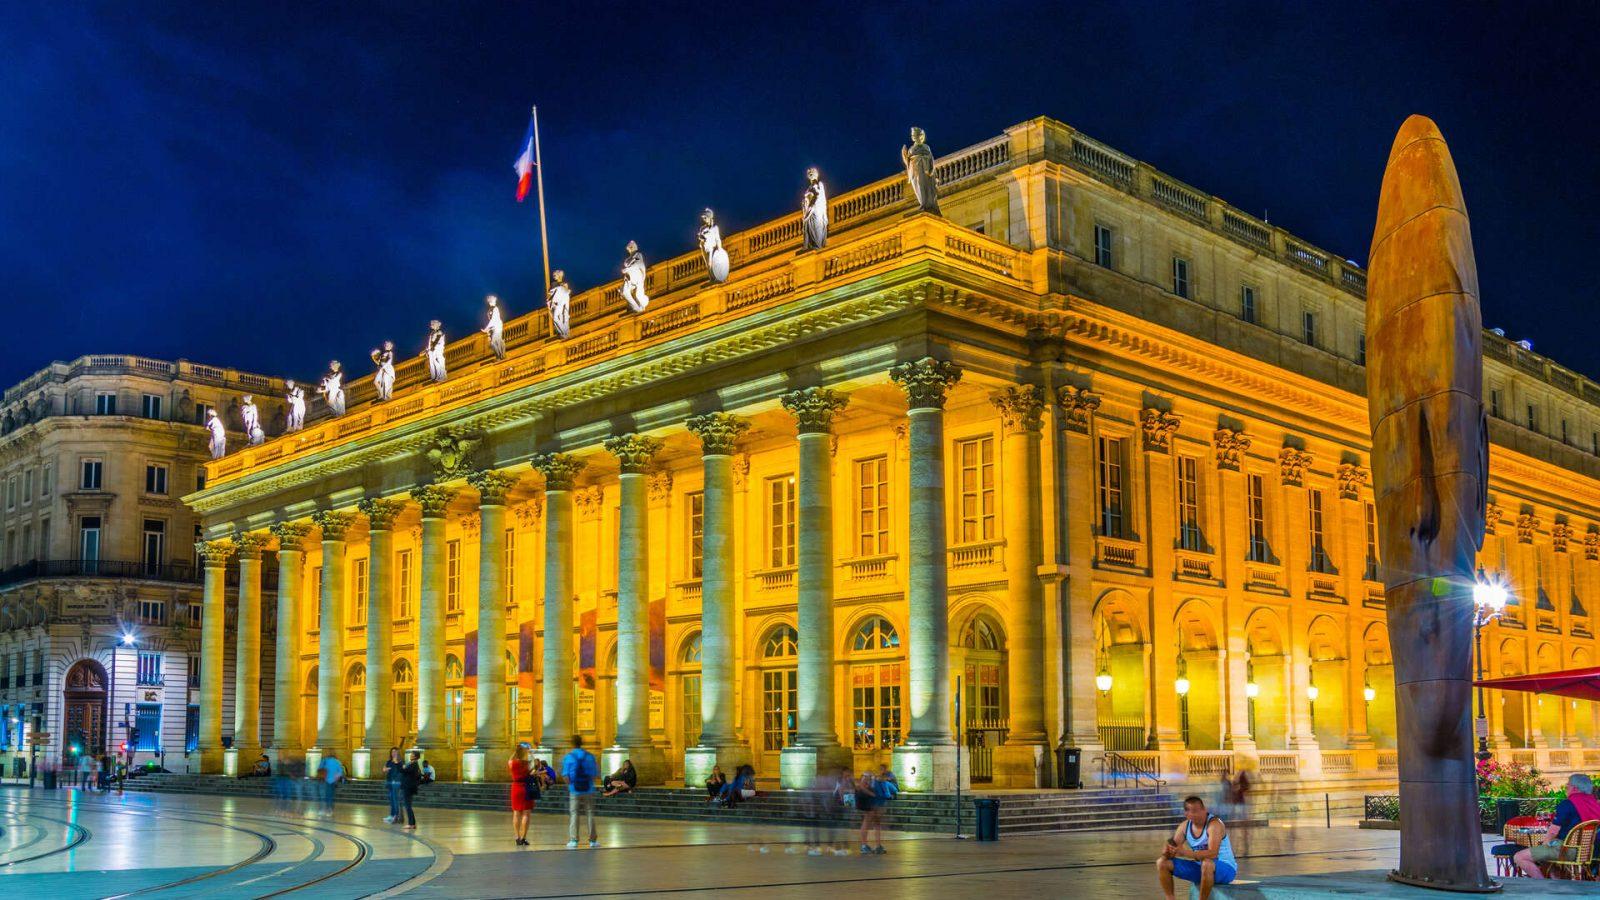 Grand-Théâtre, exterieur nocturne